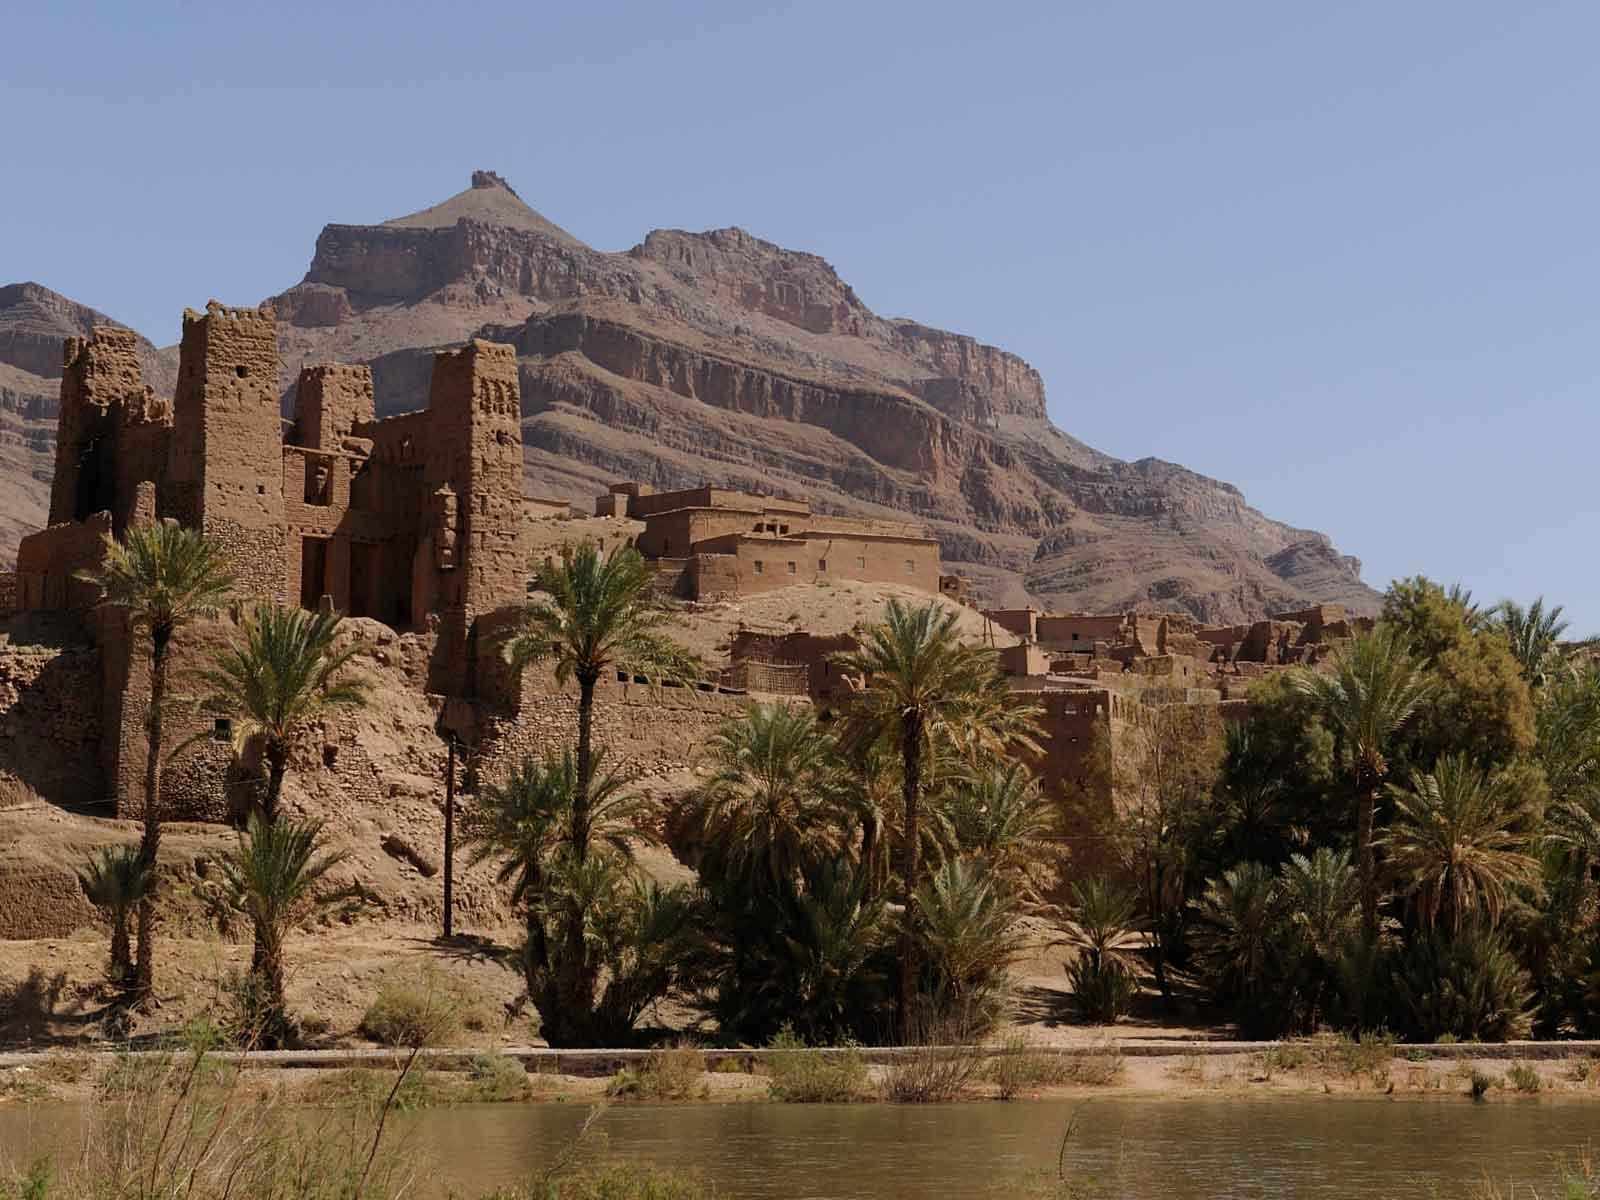 2-day desert tour from Marrakech